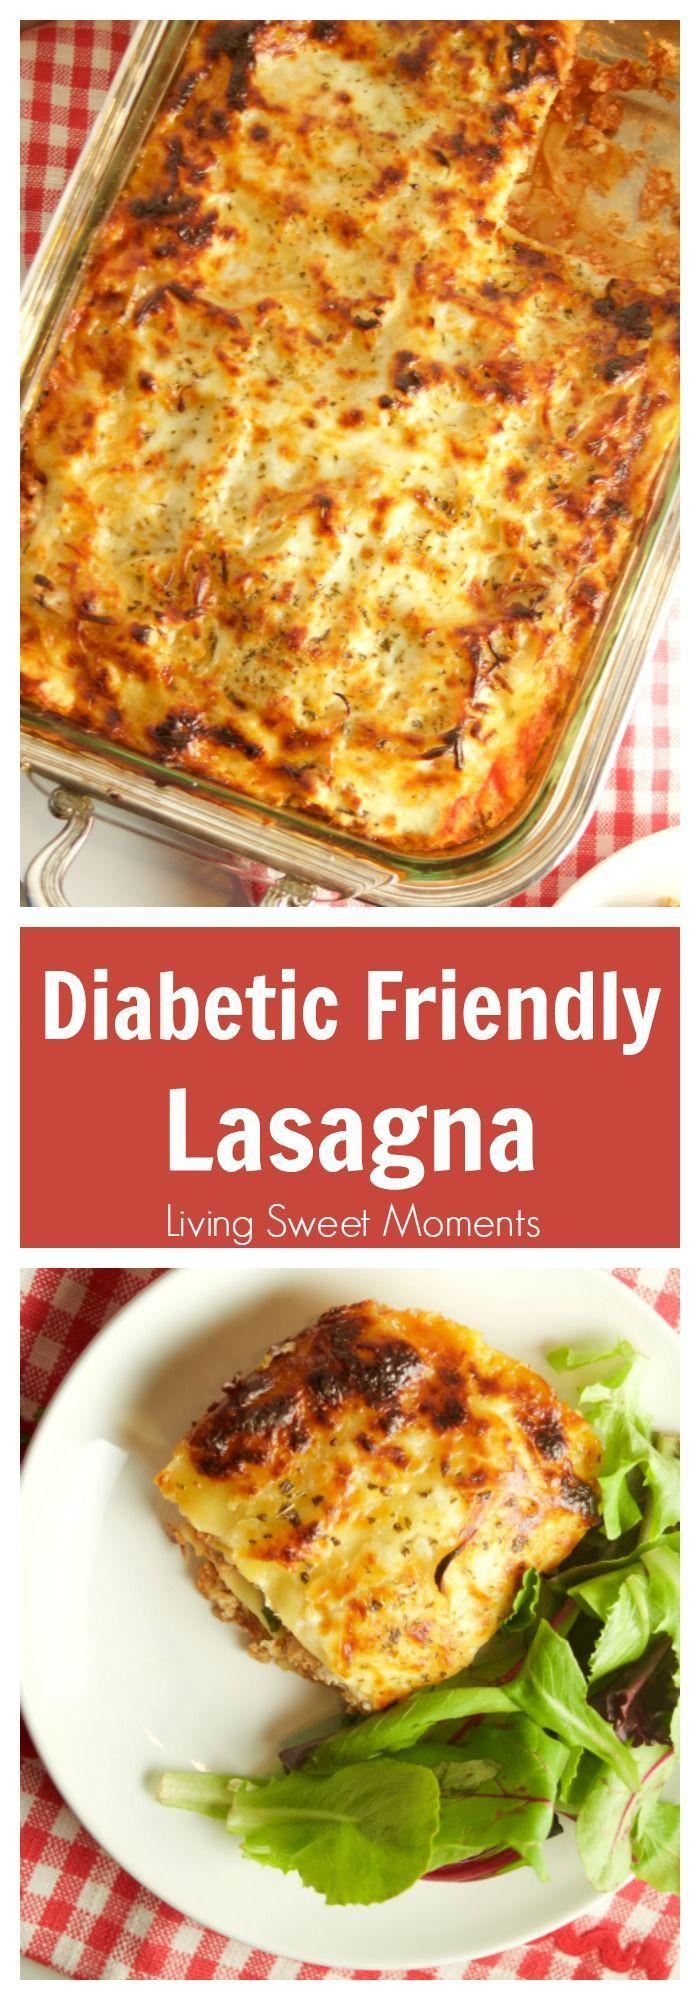 Diabetic Dinners Ideas  100 Diabetic Dinner Recipes on Pinterest